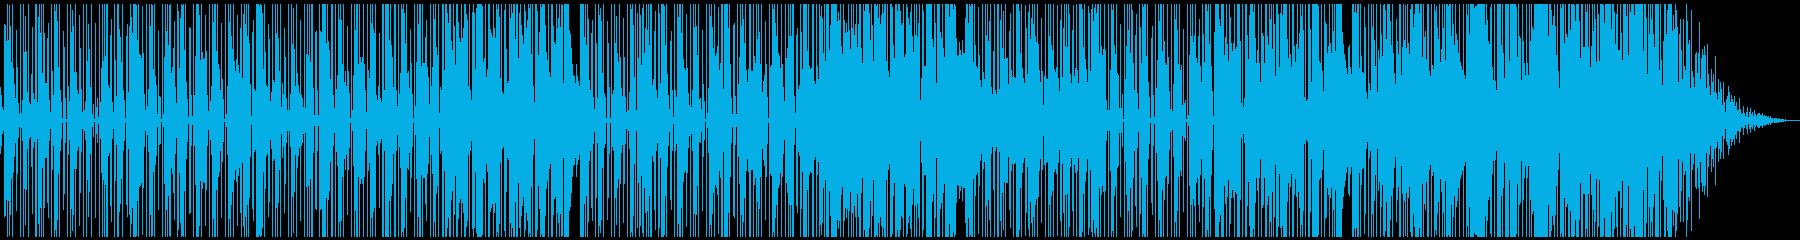 アルトサックスのダークで都会的なファンクの再生済みの波形